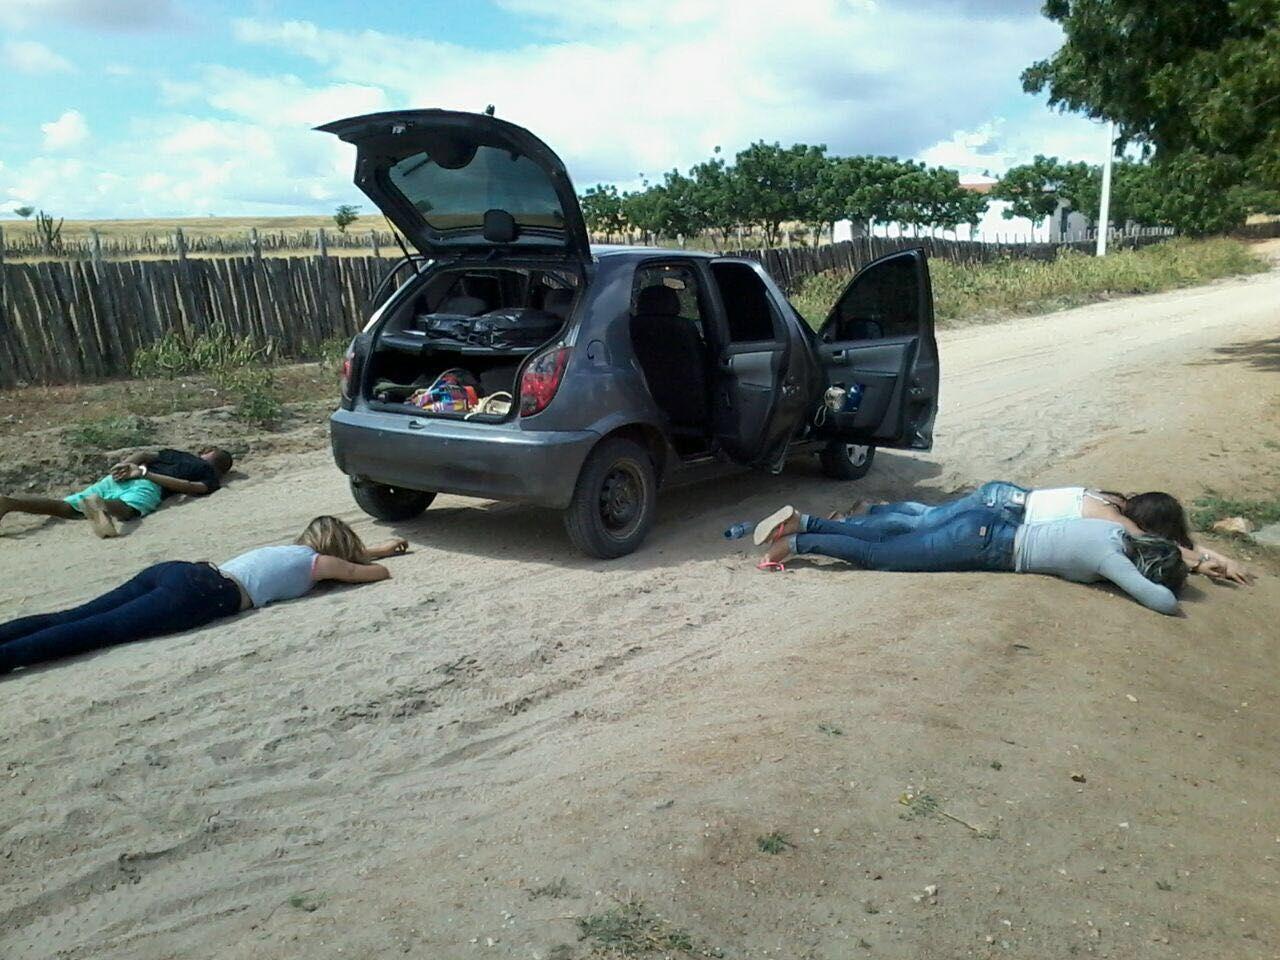 Sobrinha do mentor do furto ao Banco Central é presa após assalto em Quixeramobim